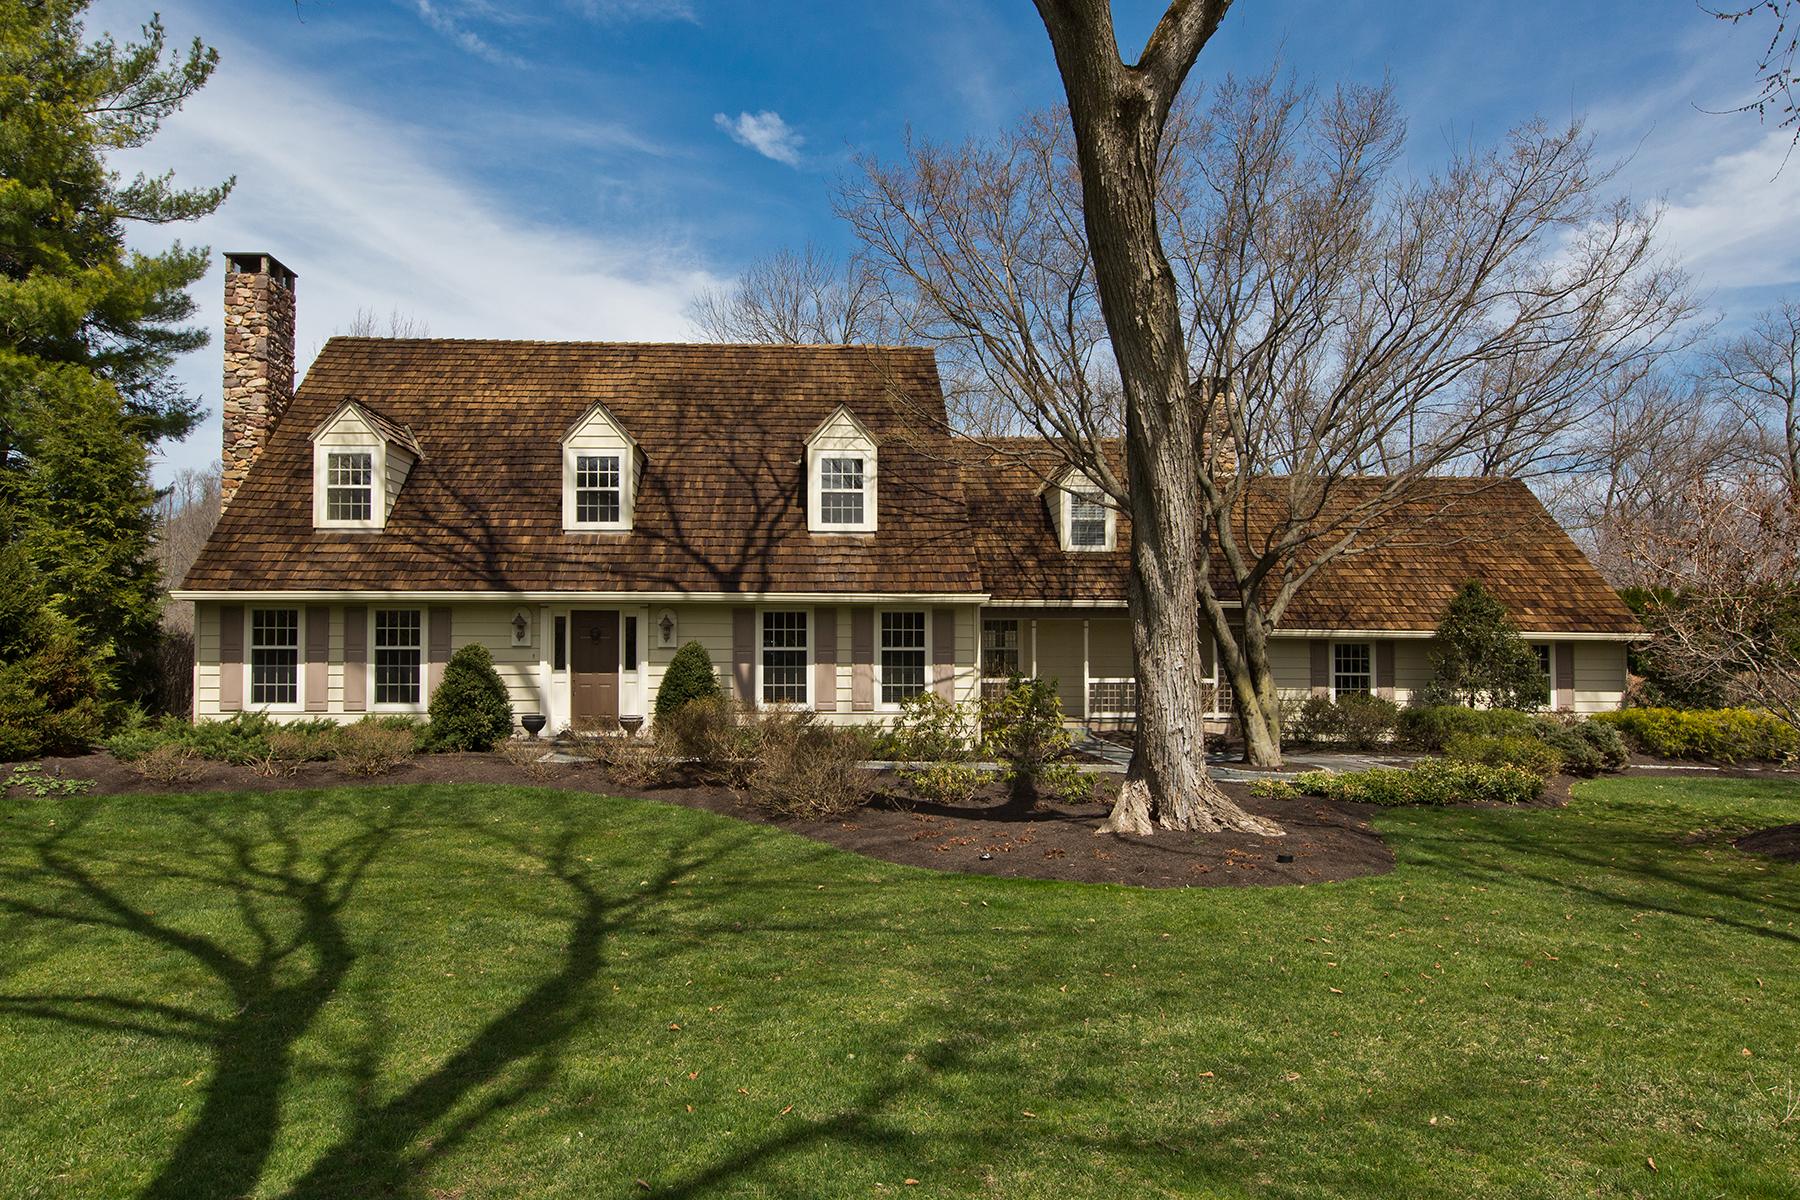 独户住宅 为 销售 在 New Hope, PA 106 Cedar Glen Drive New Hope, 宾夕法尼亚州 18938 美国